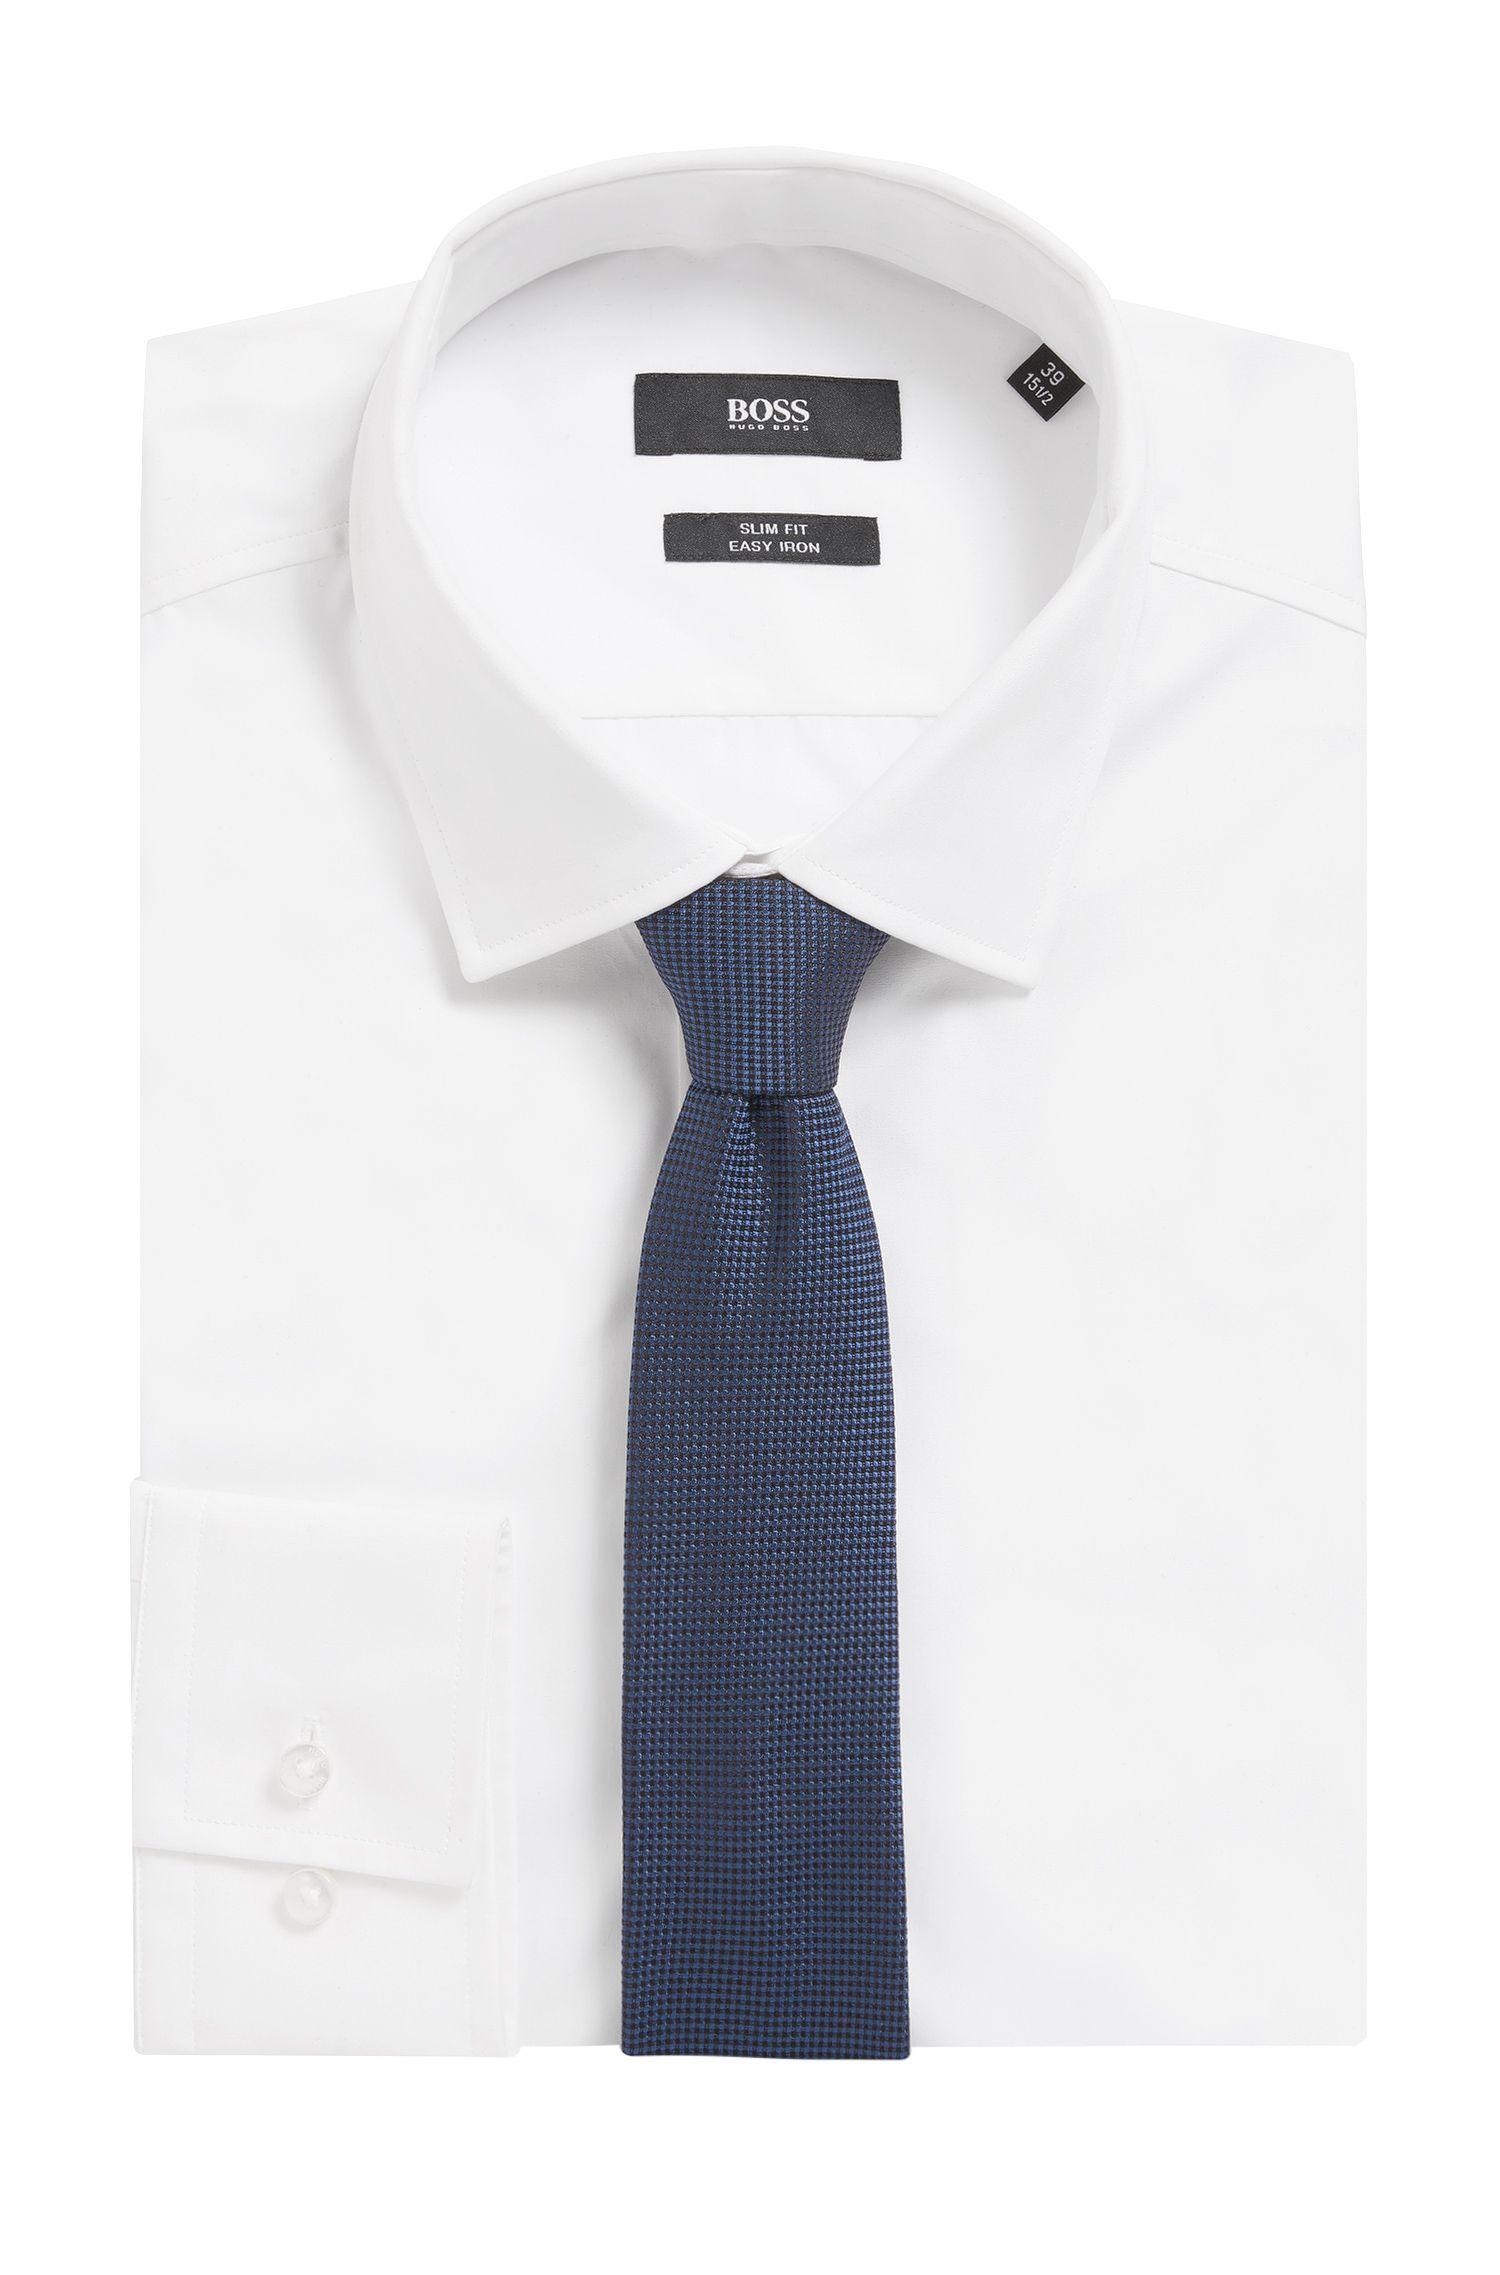 Cravate en jacquard de soie italienne à micro-motif